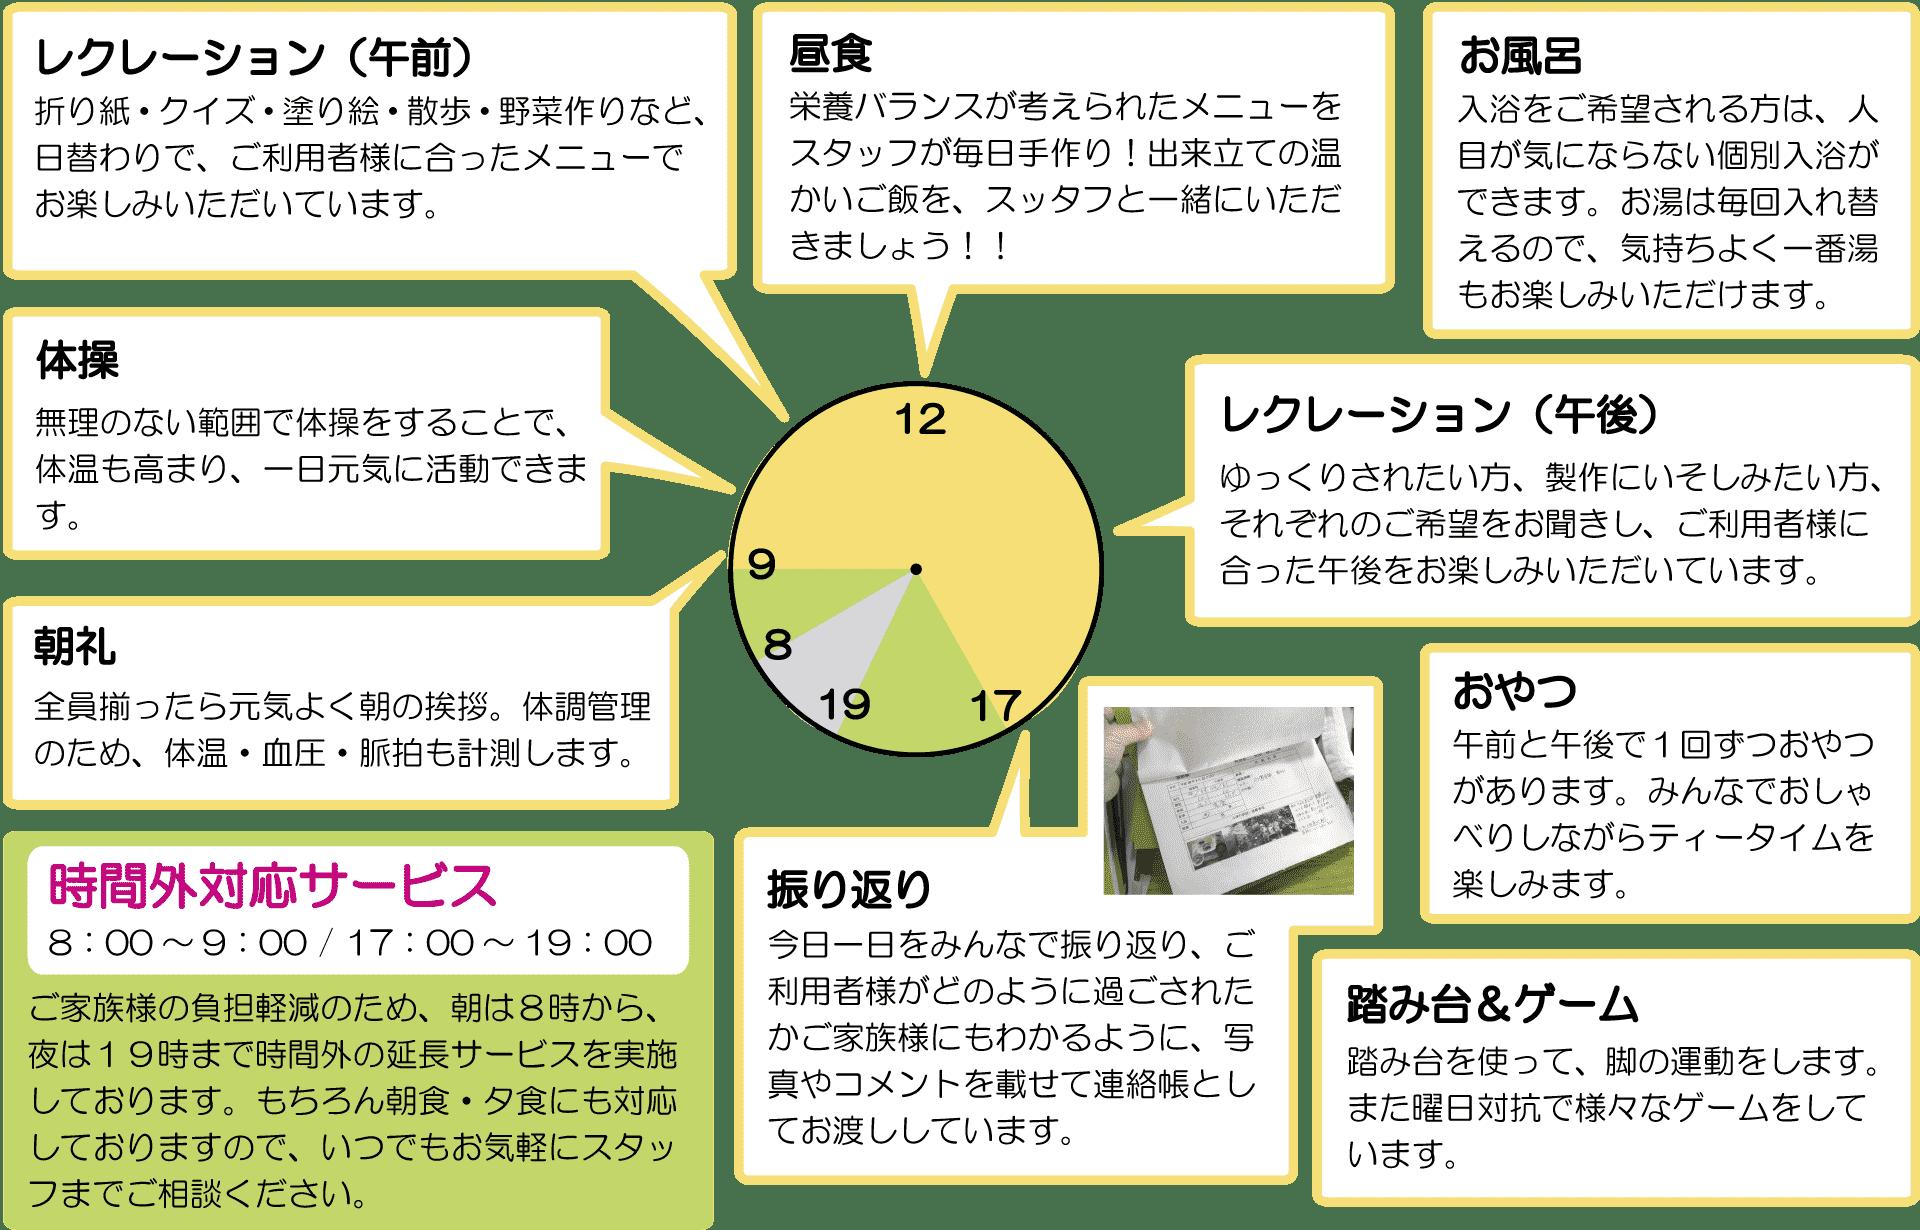 1日の流れ(川原店)